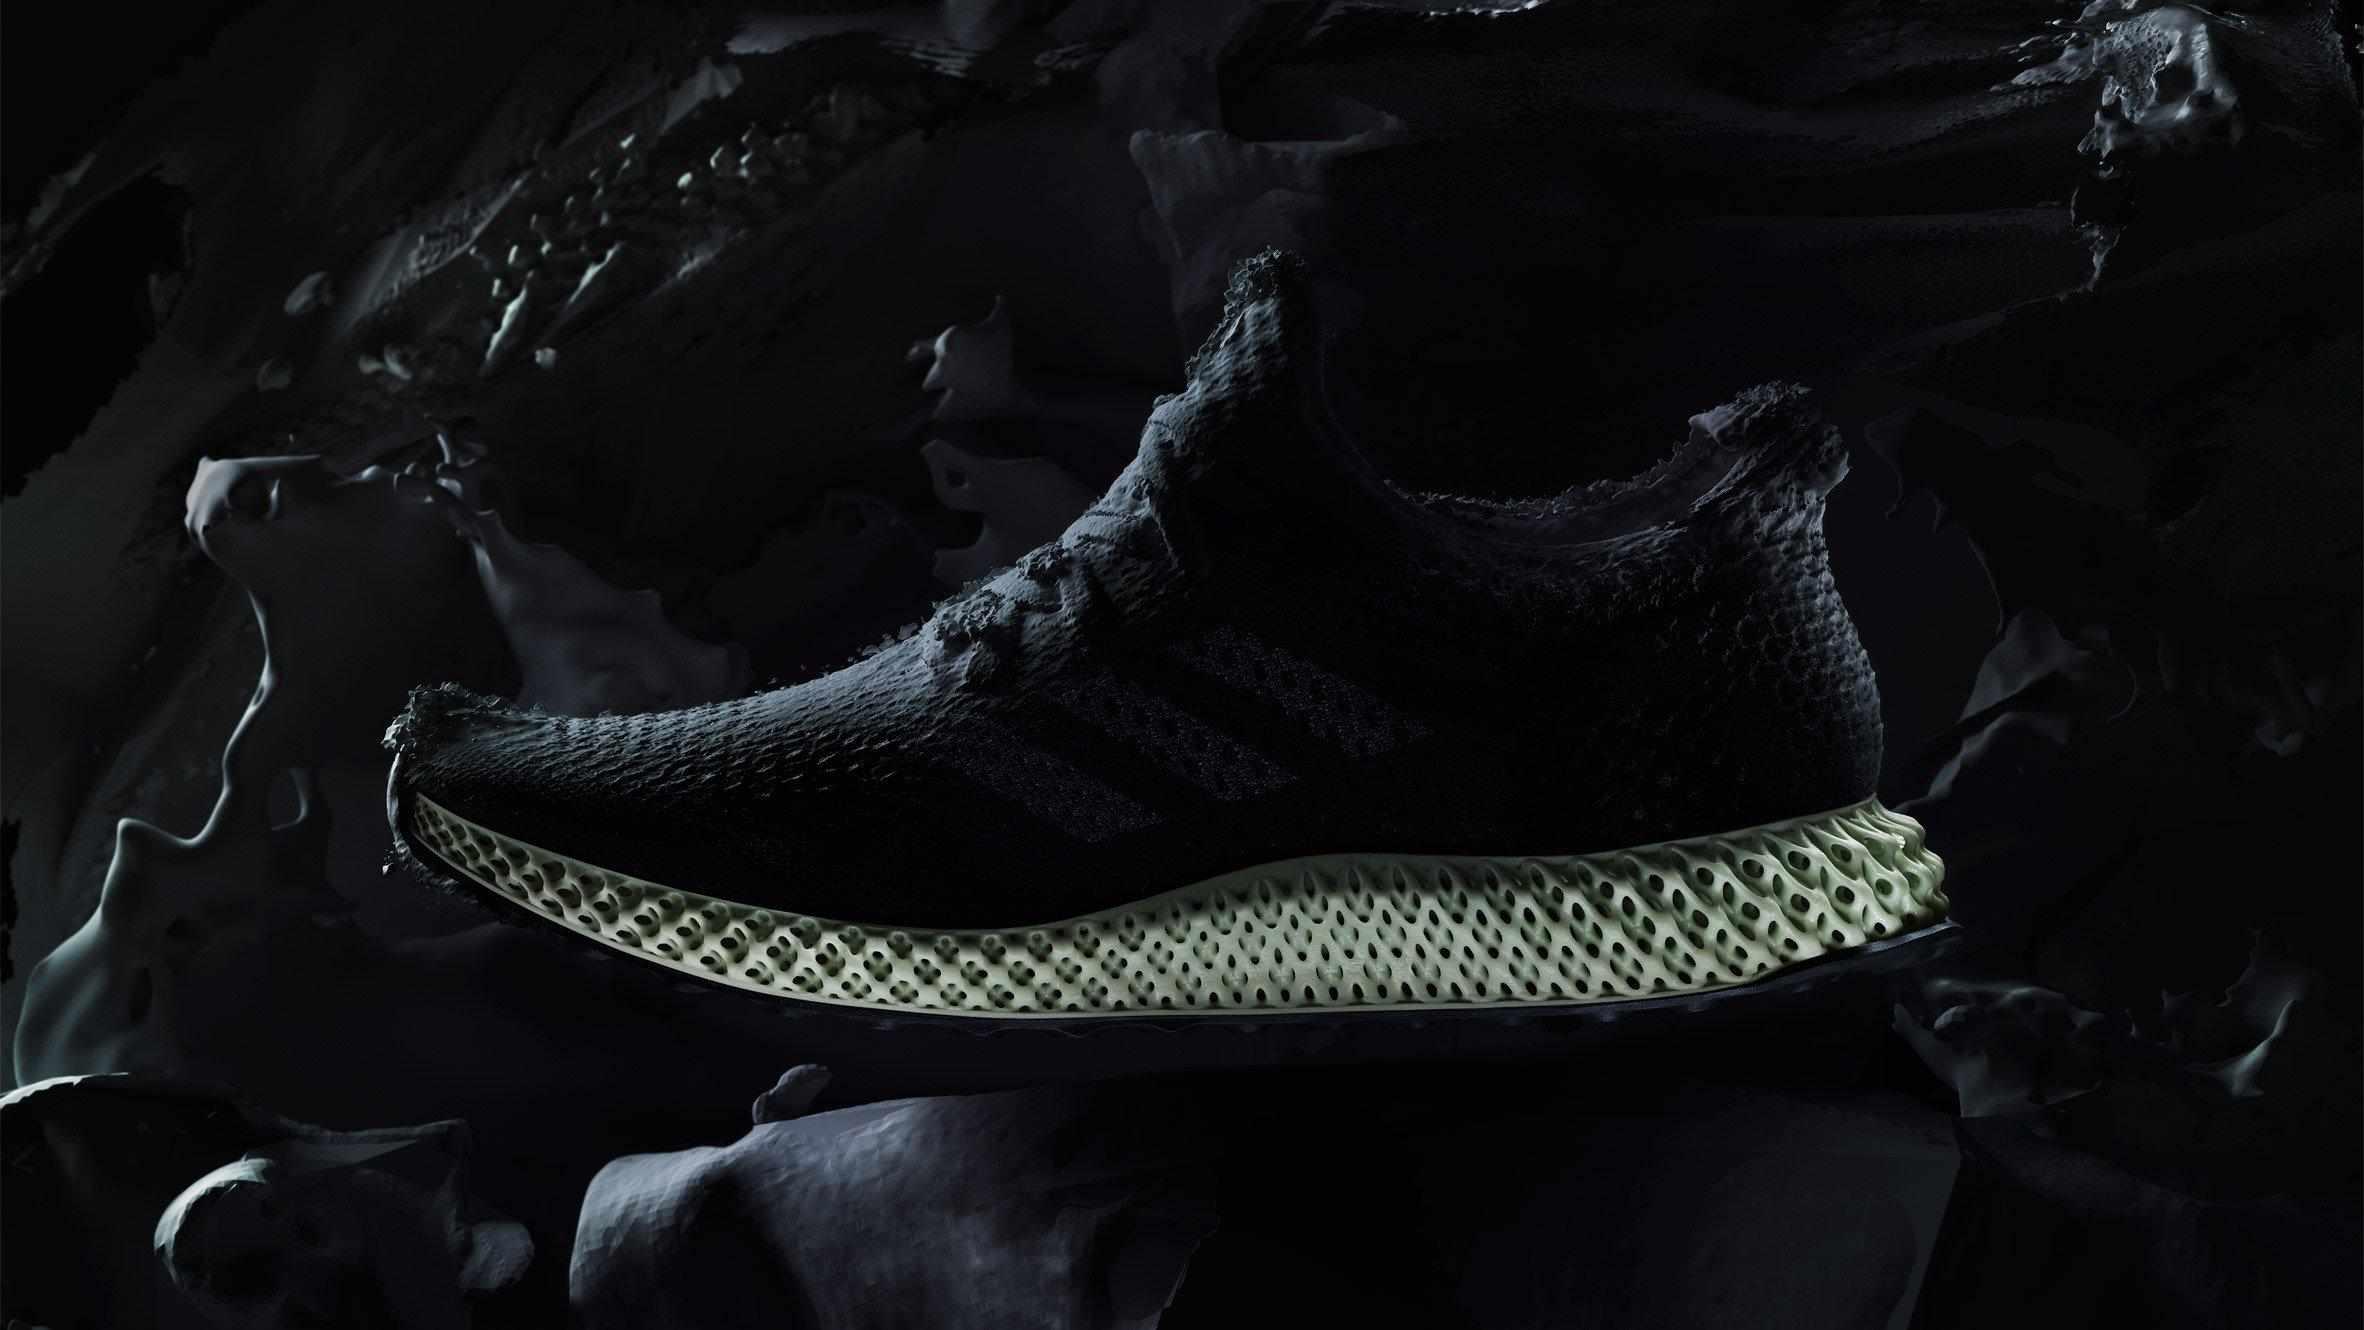 Adidas Futurecraft 4D: benvenuto nella nuova era delle scarpe da corsa 3D